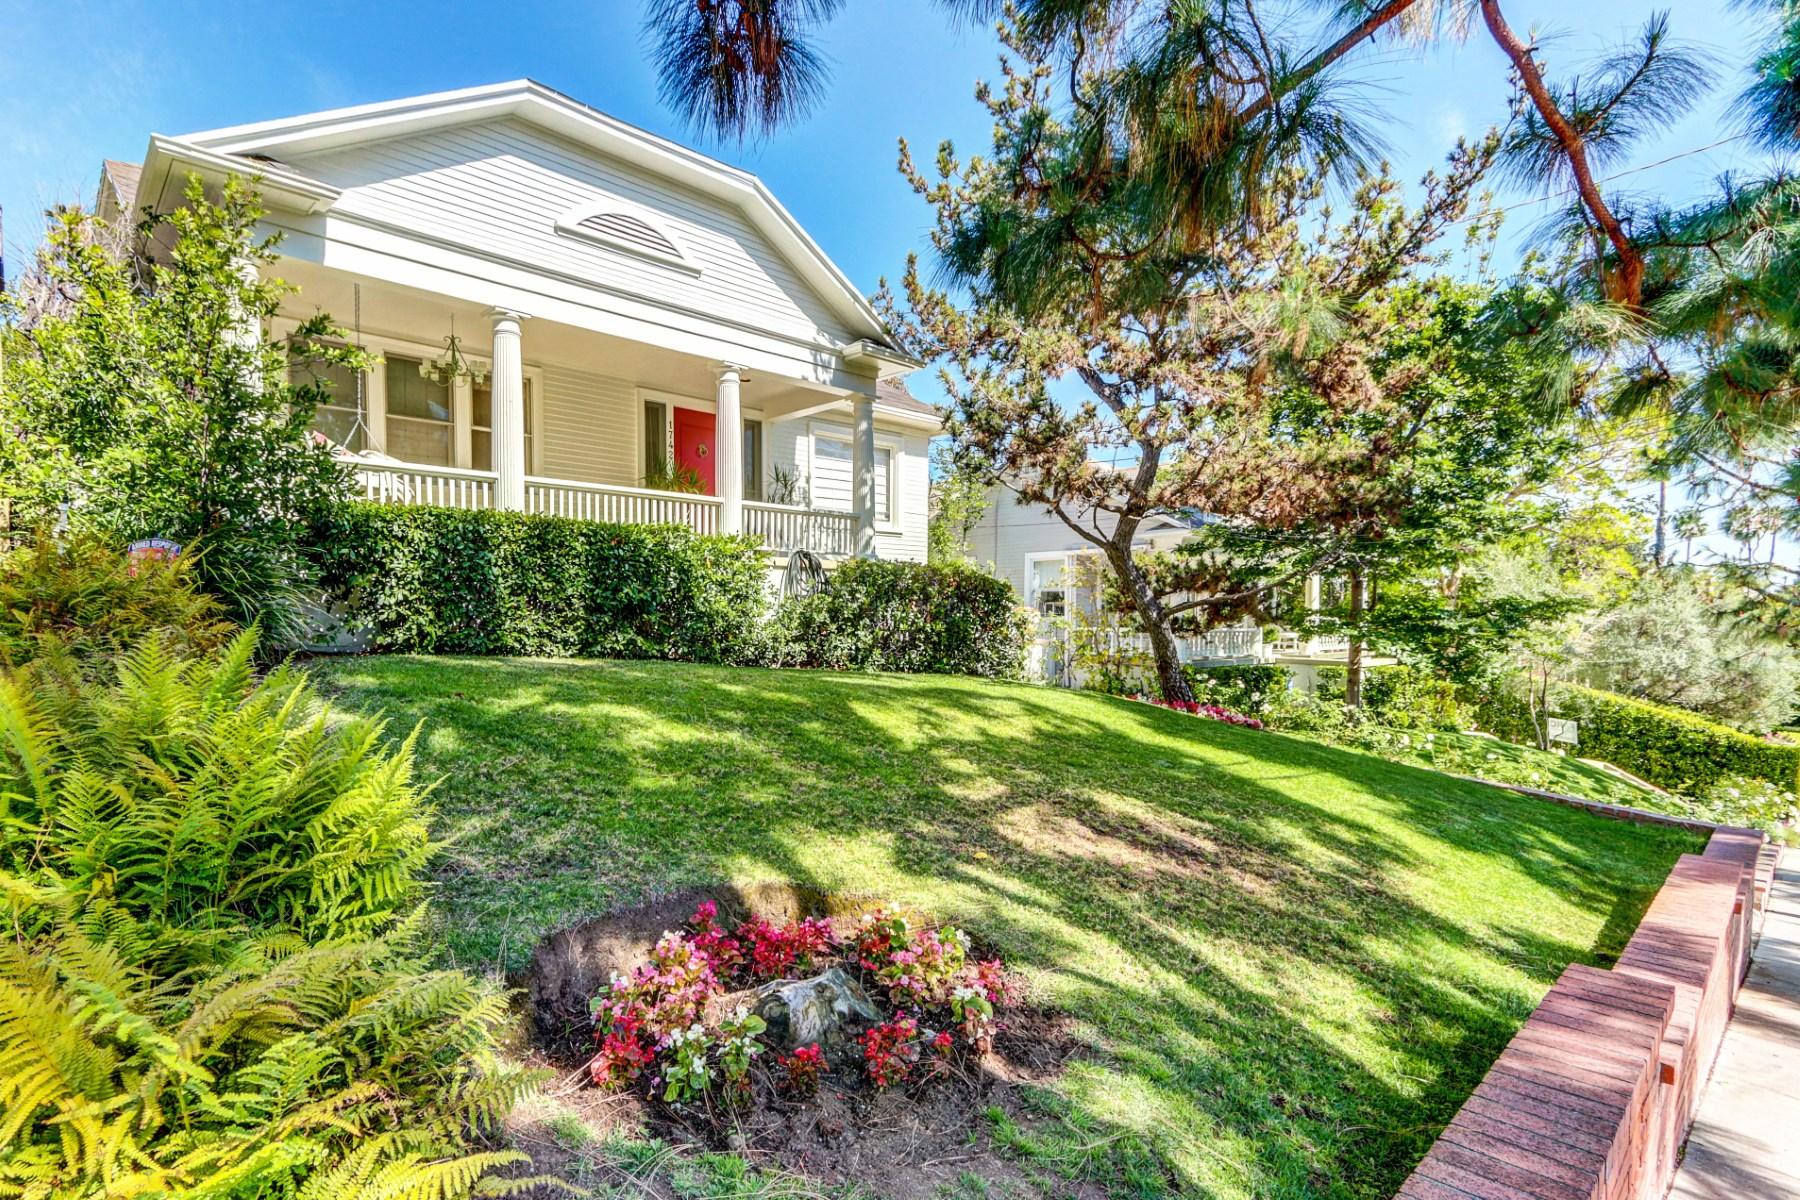 Частный односемейный дом для того Продажа на California Bungalow, 1919 by Runyon Cyn 1742 North Gardner Street Los Angeles, Калифорния 90046 Соединенные Штаты